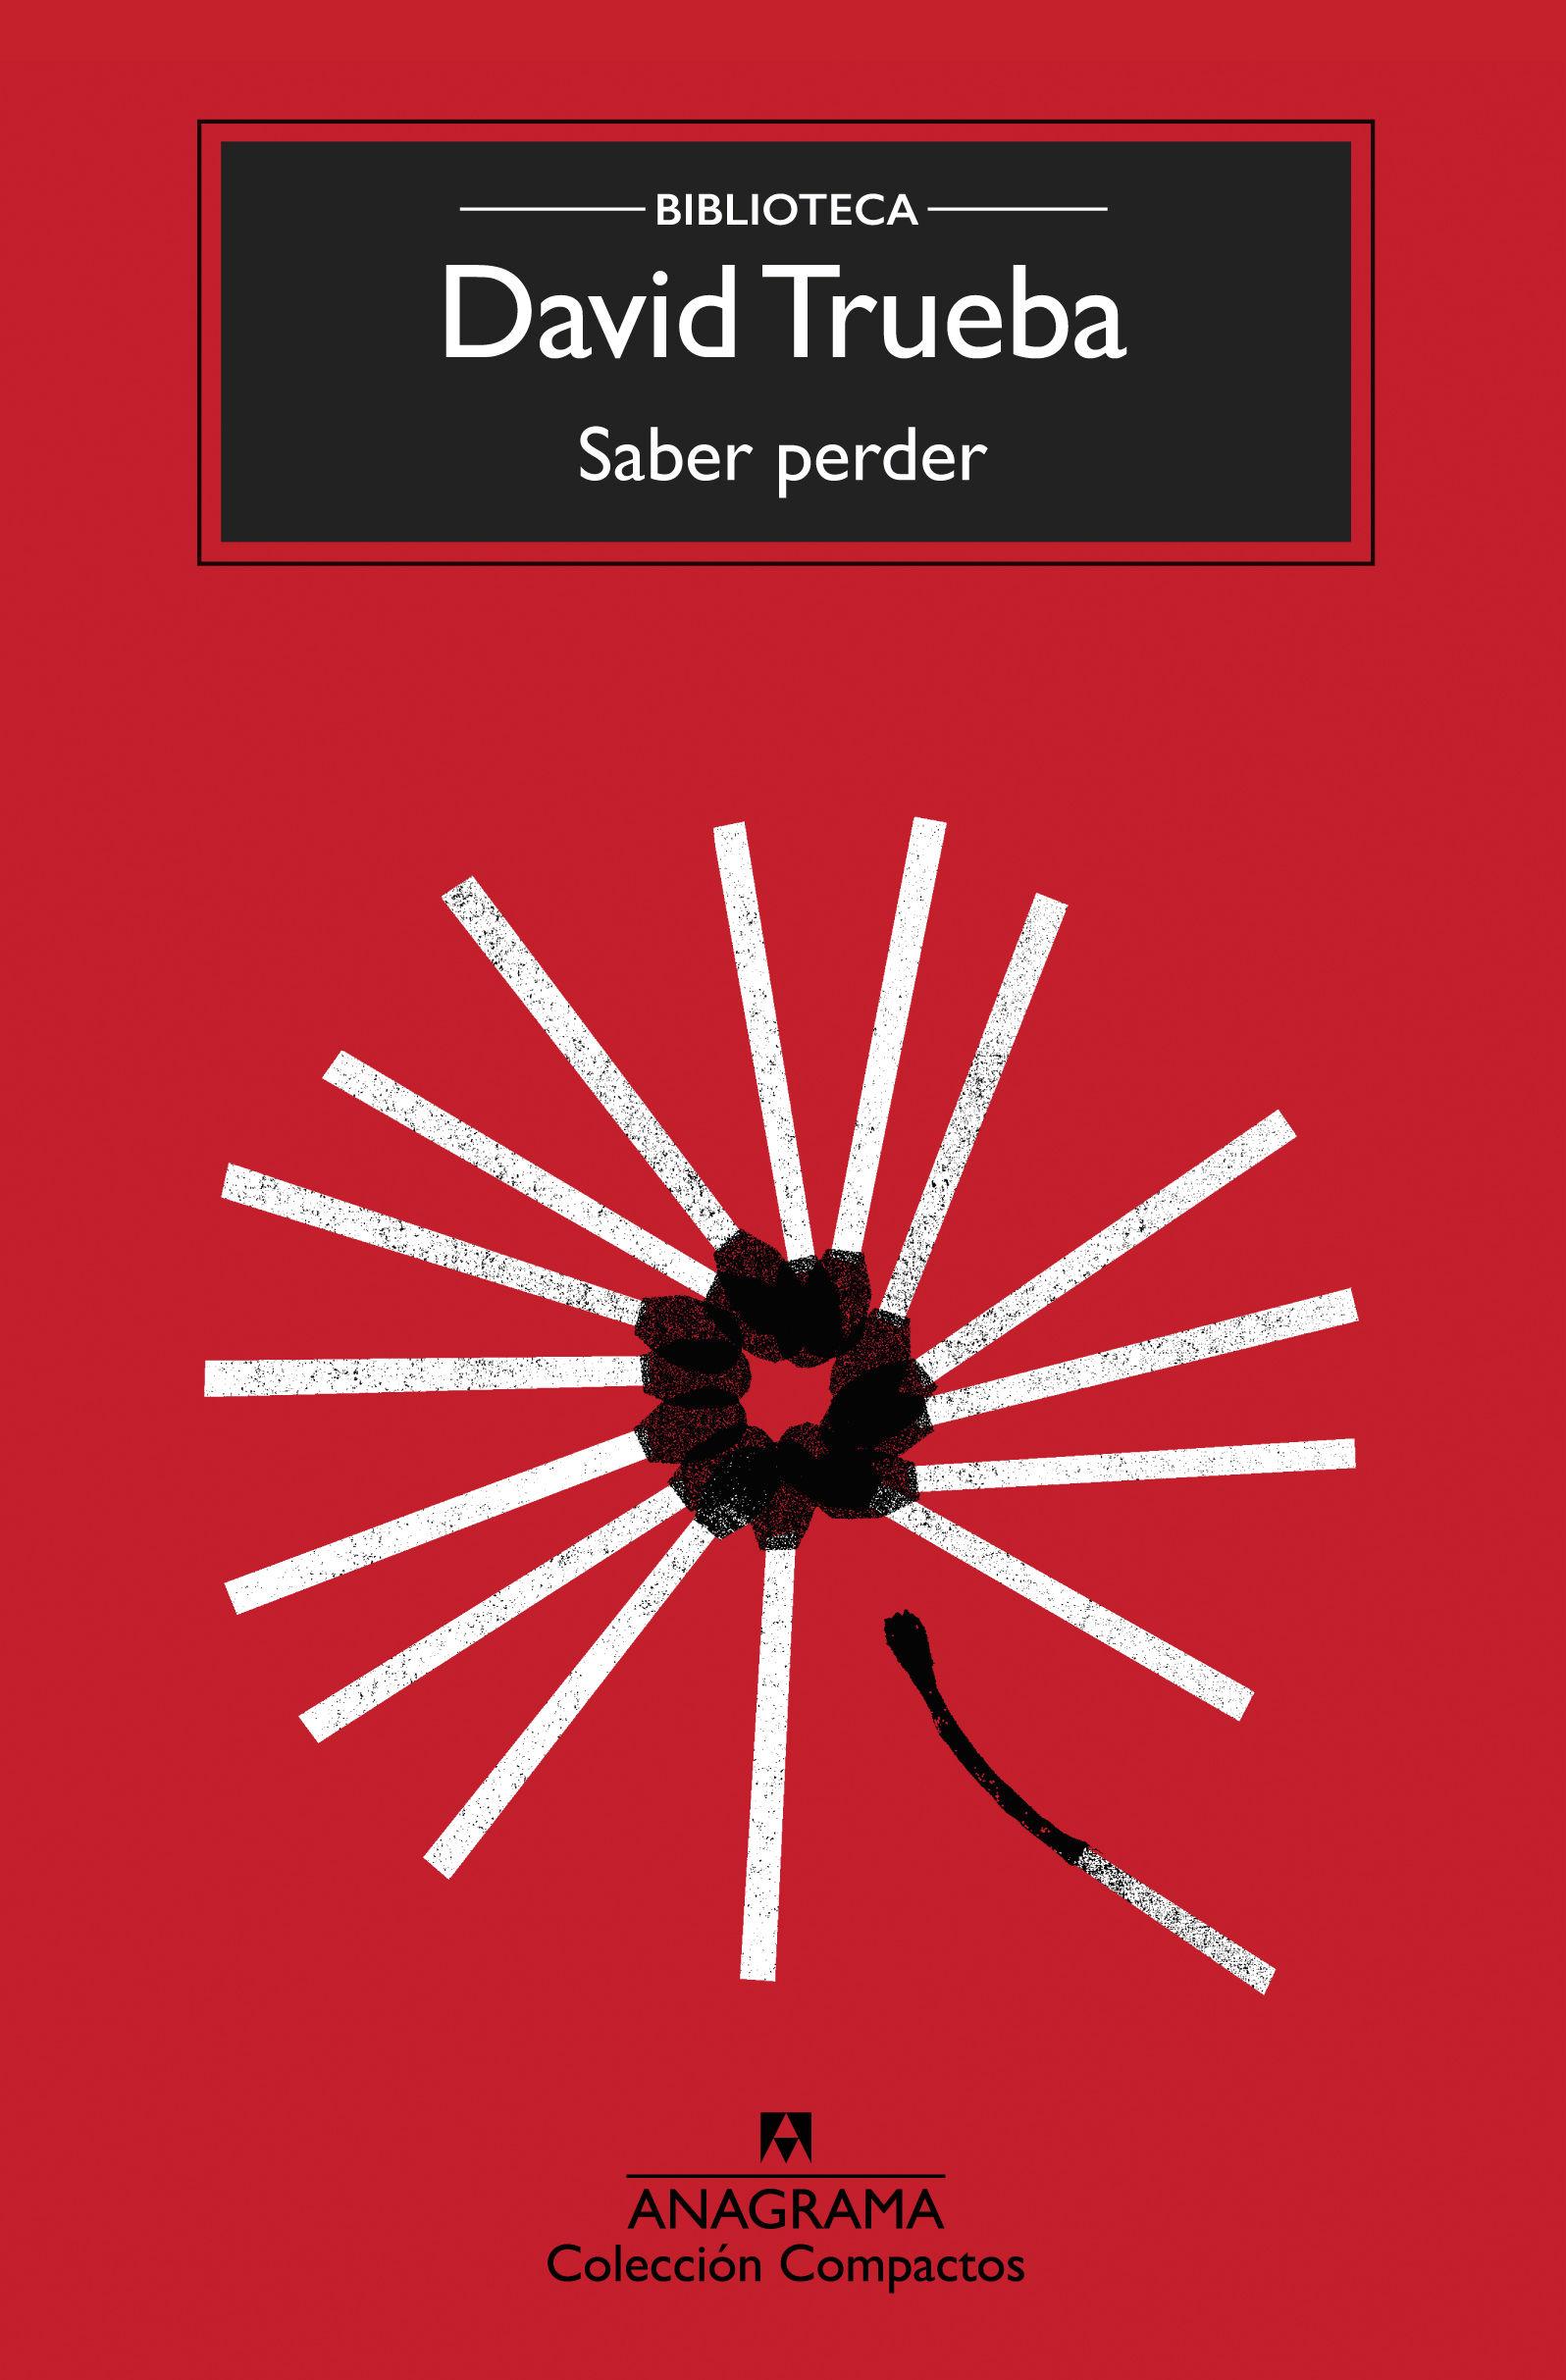 SABER PERDER